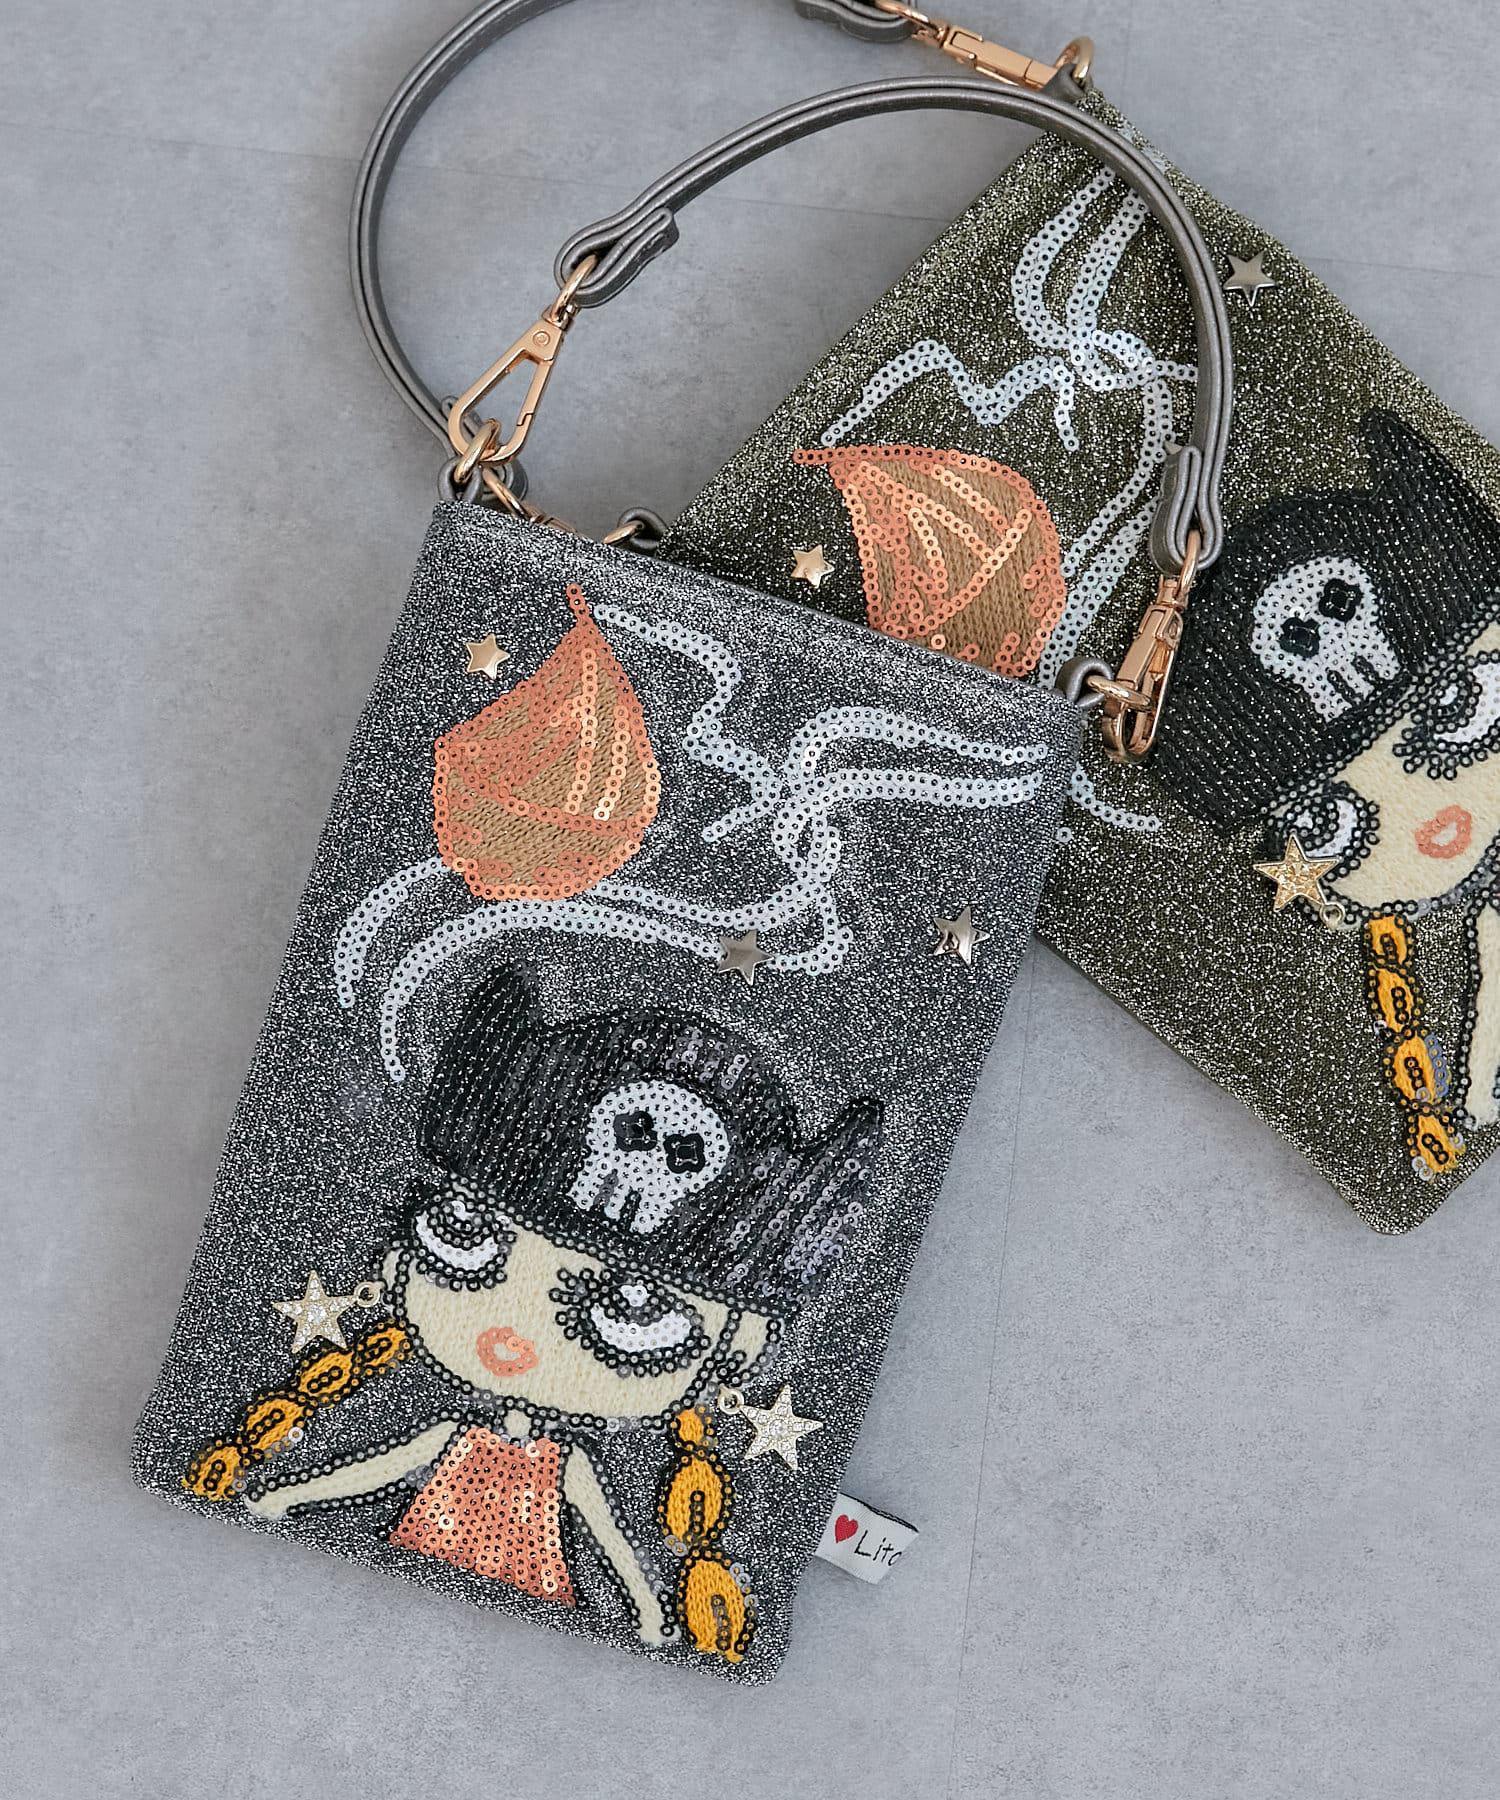 Pal collection(パルコレクション) 《個性派バッグ》バイキングガールスマホバッグ